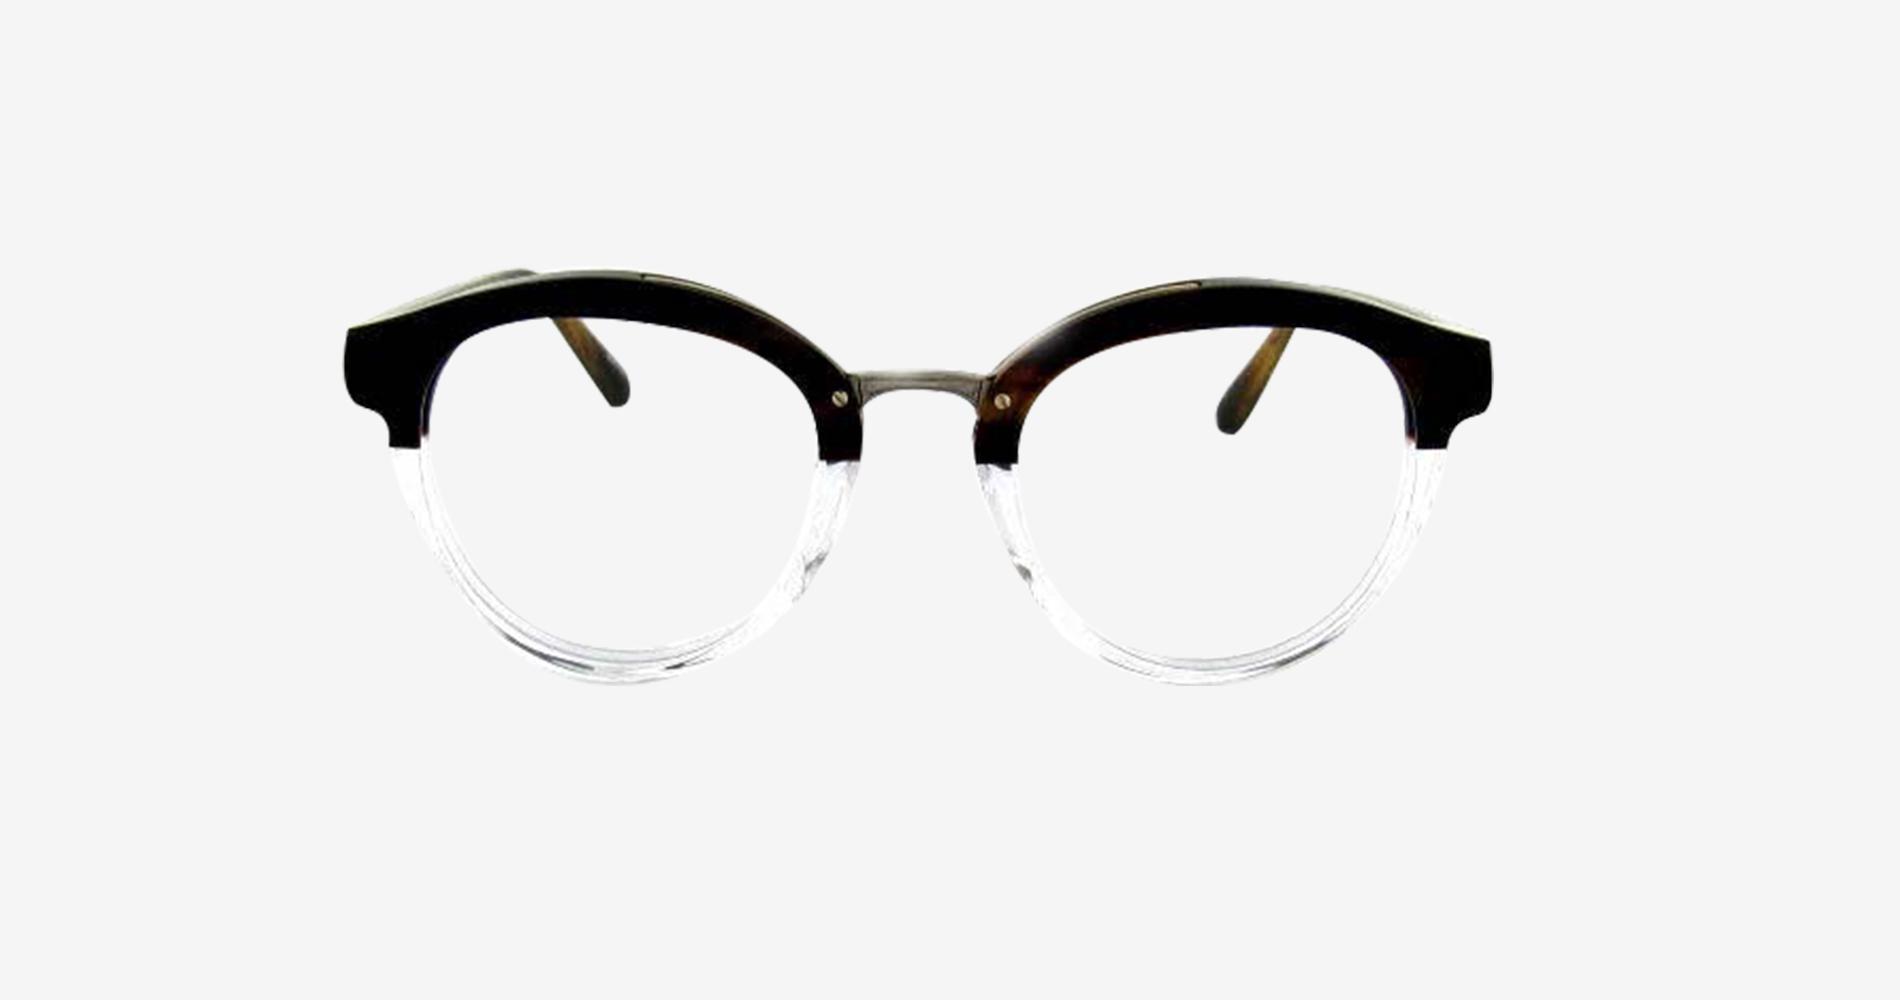 Pour le renouvellement de vos lunettes de vue